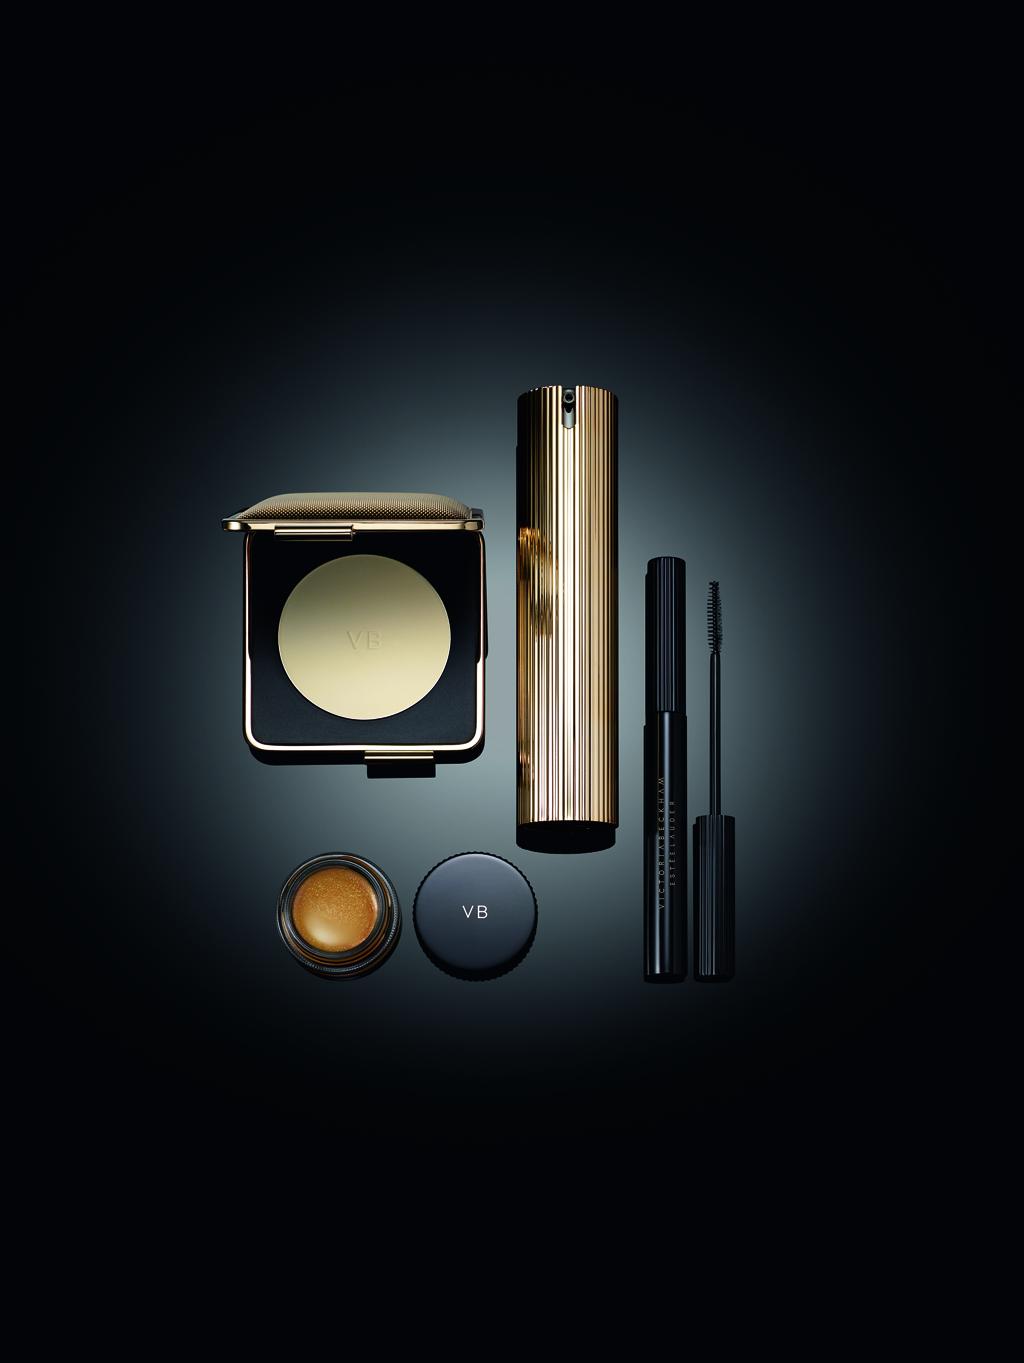 Maquillage Victoria Beckham x Estee Lauder 2017 avis produits l La Fiancee du Panda blog beaute 7